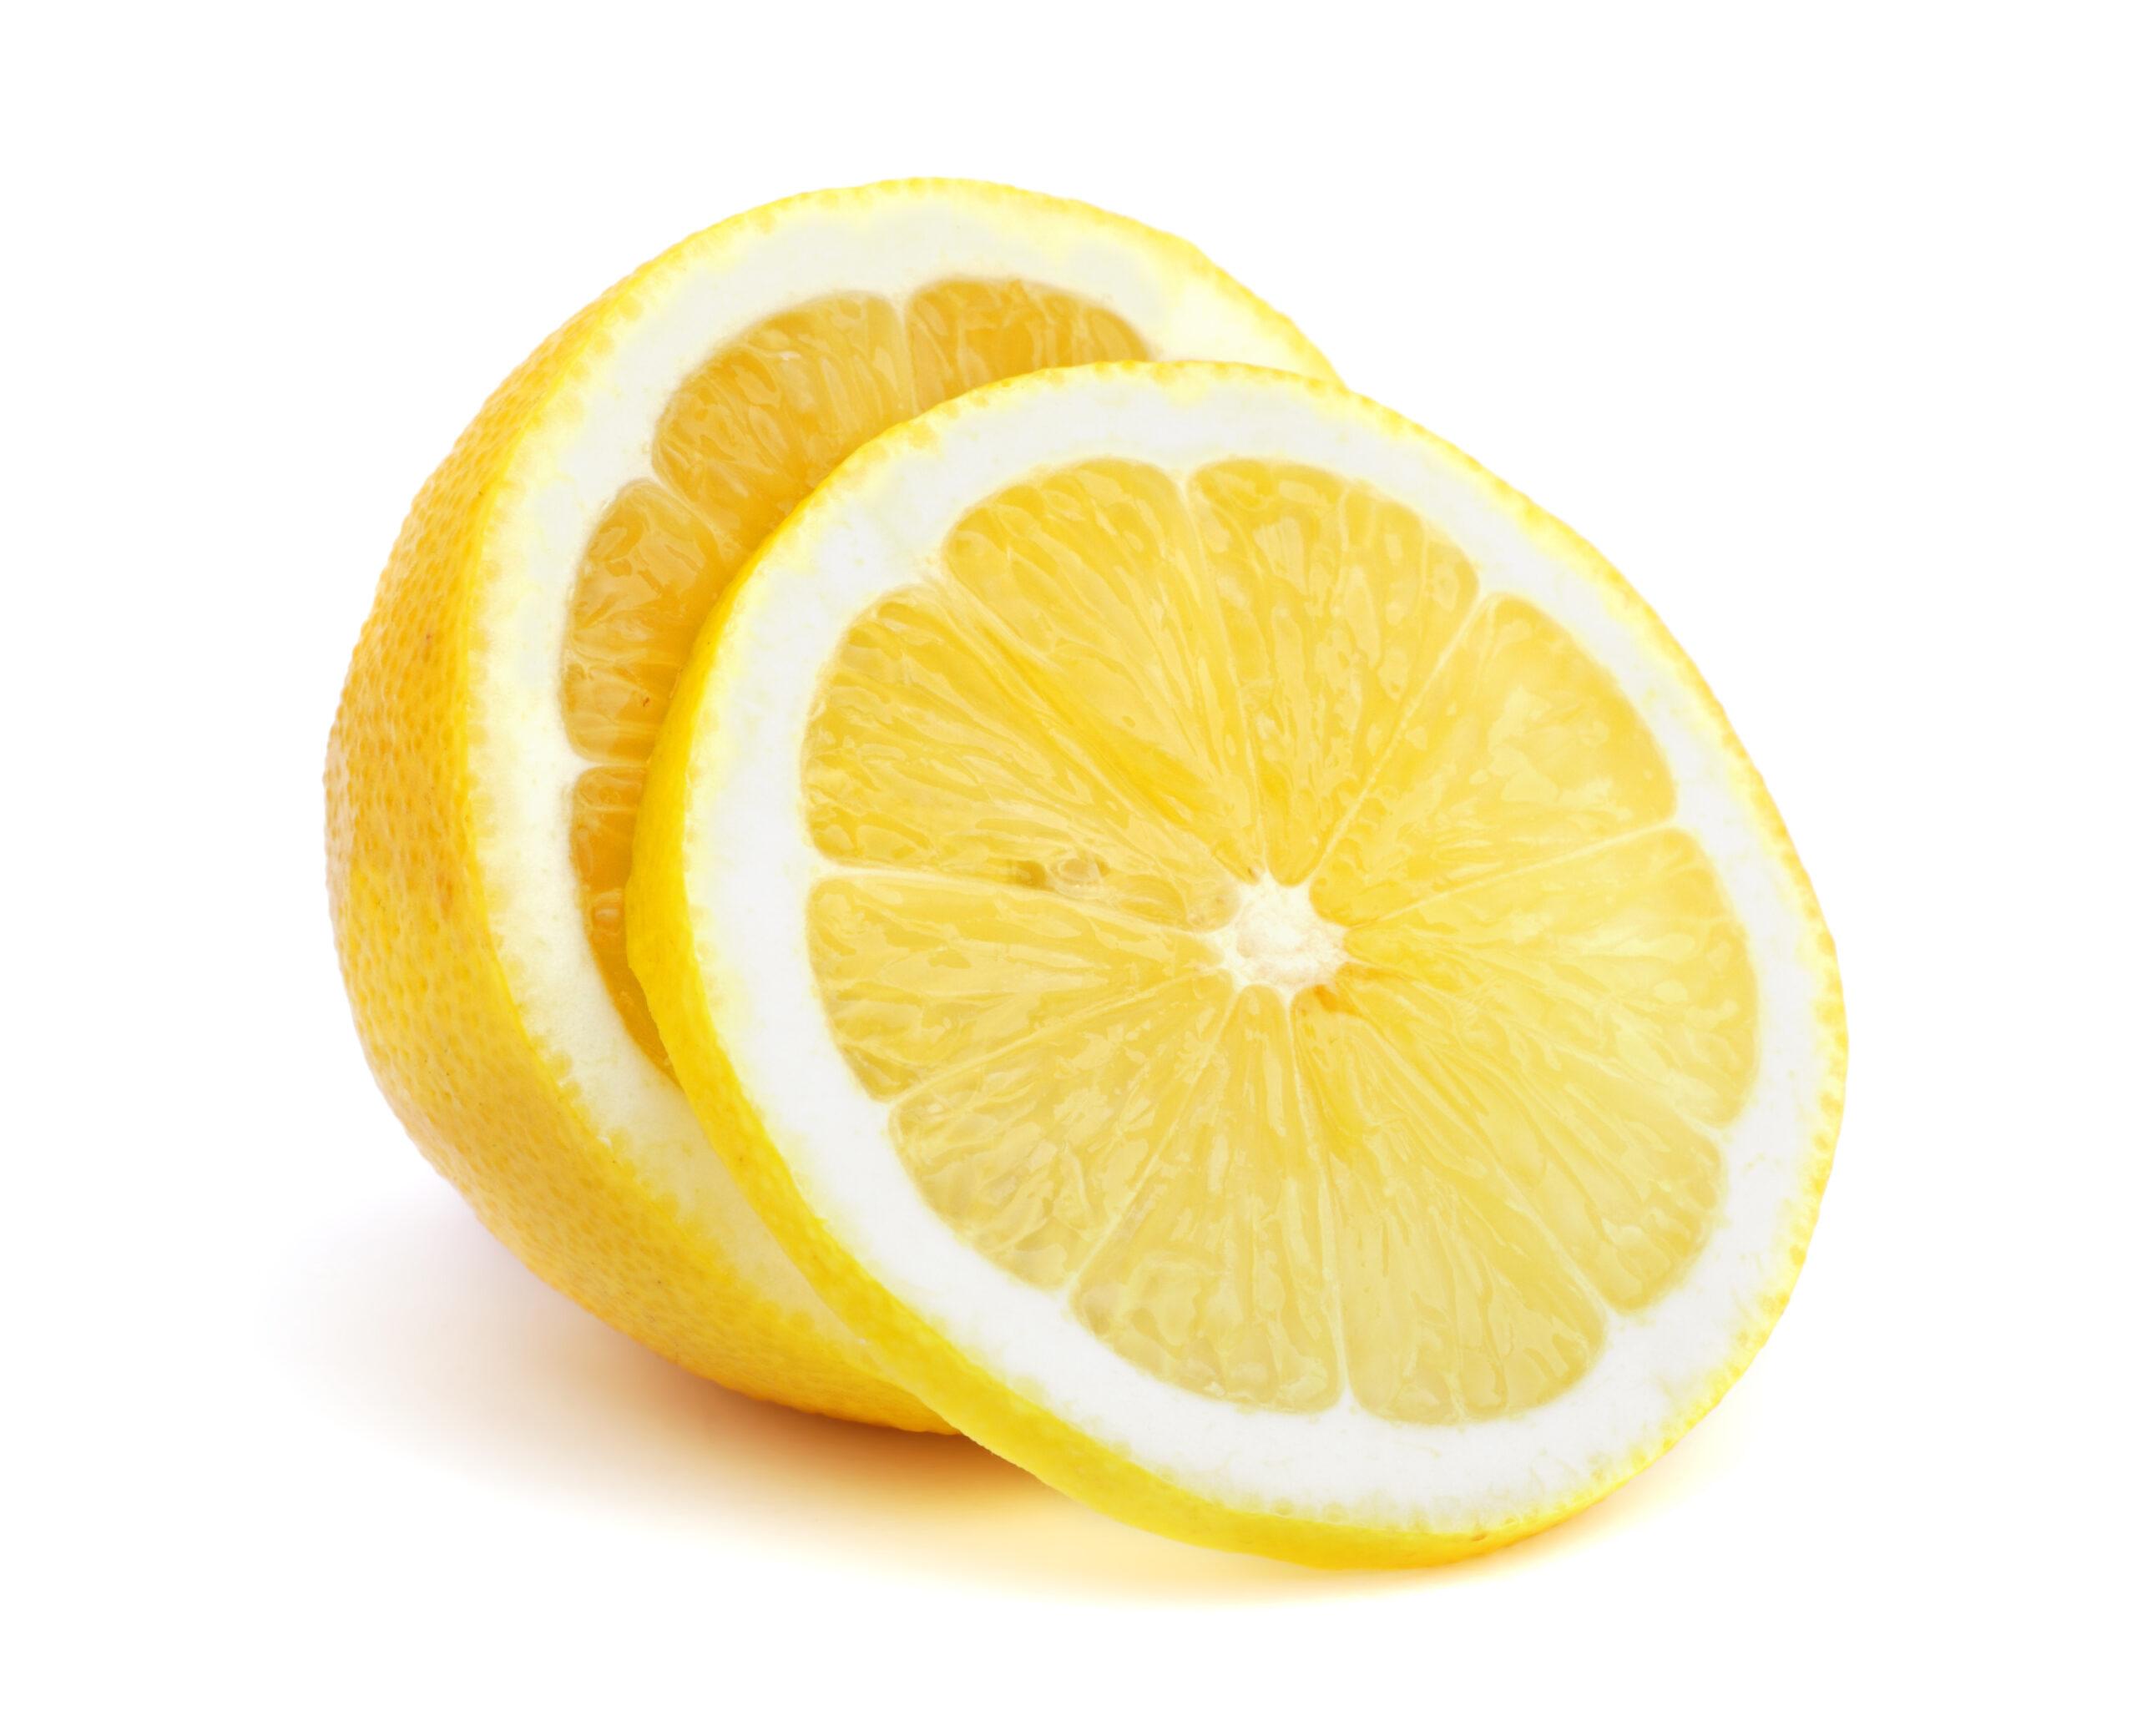 ビタミンCの効果